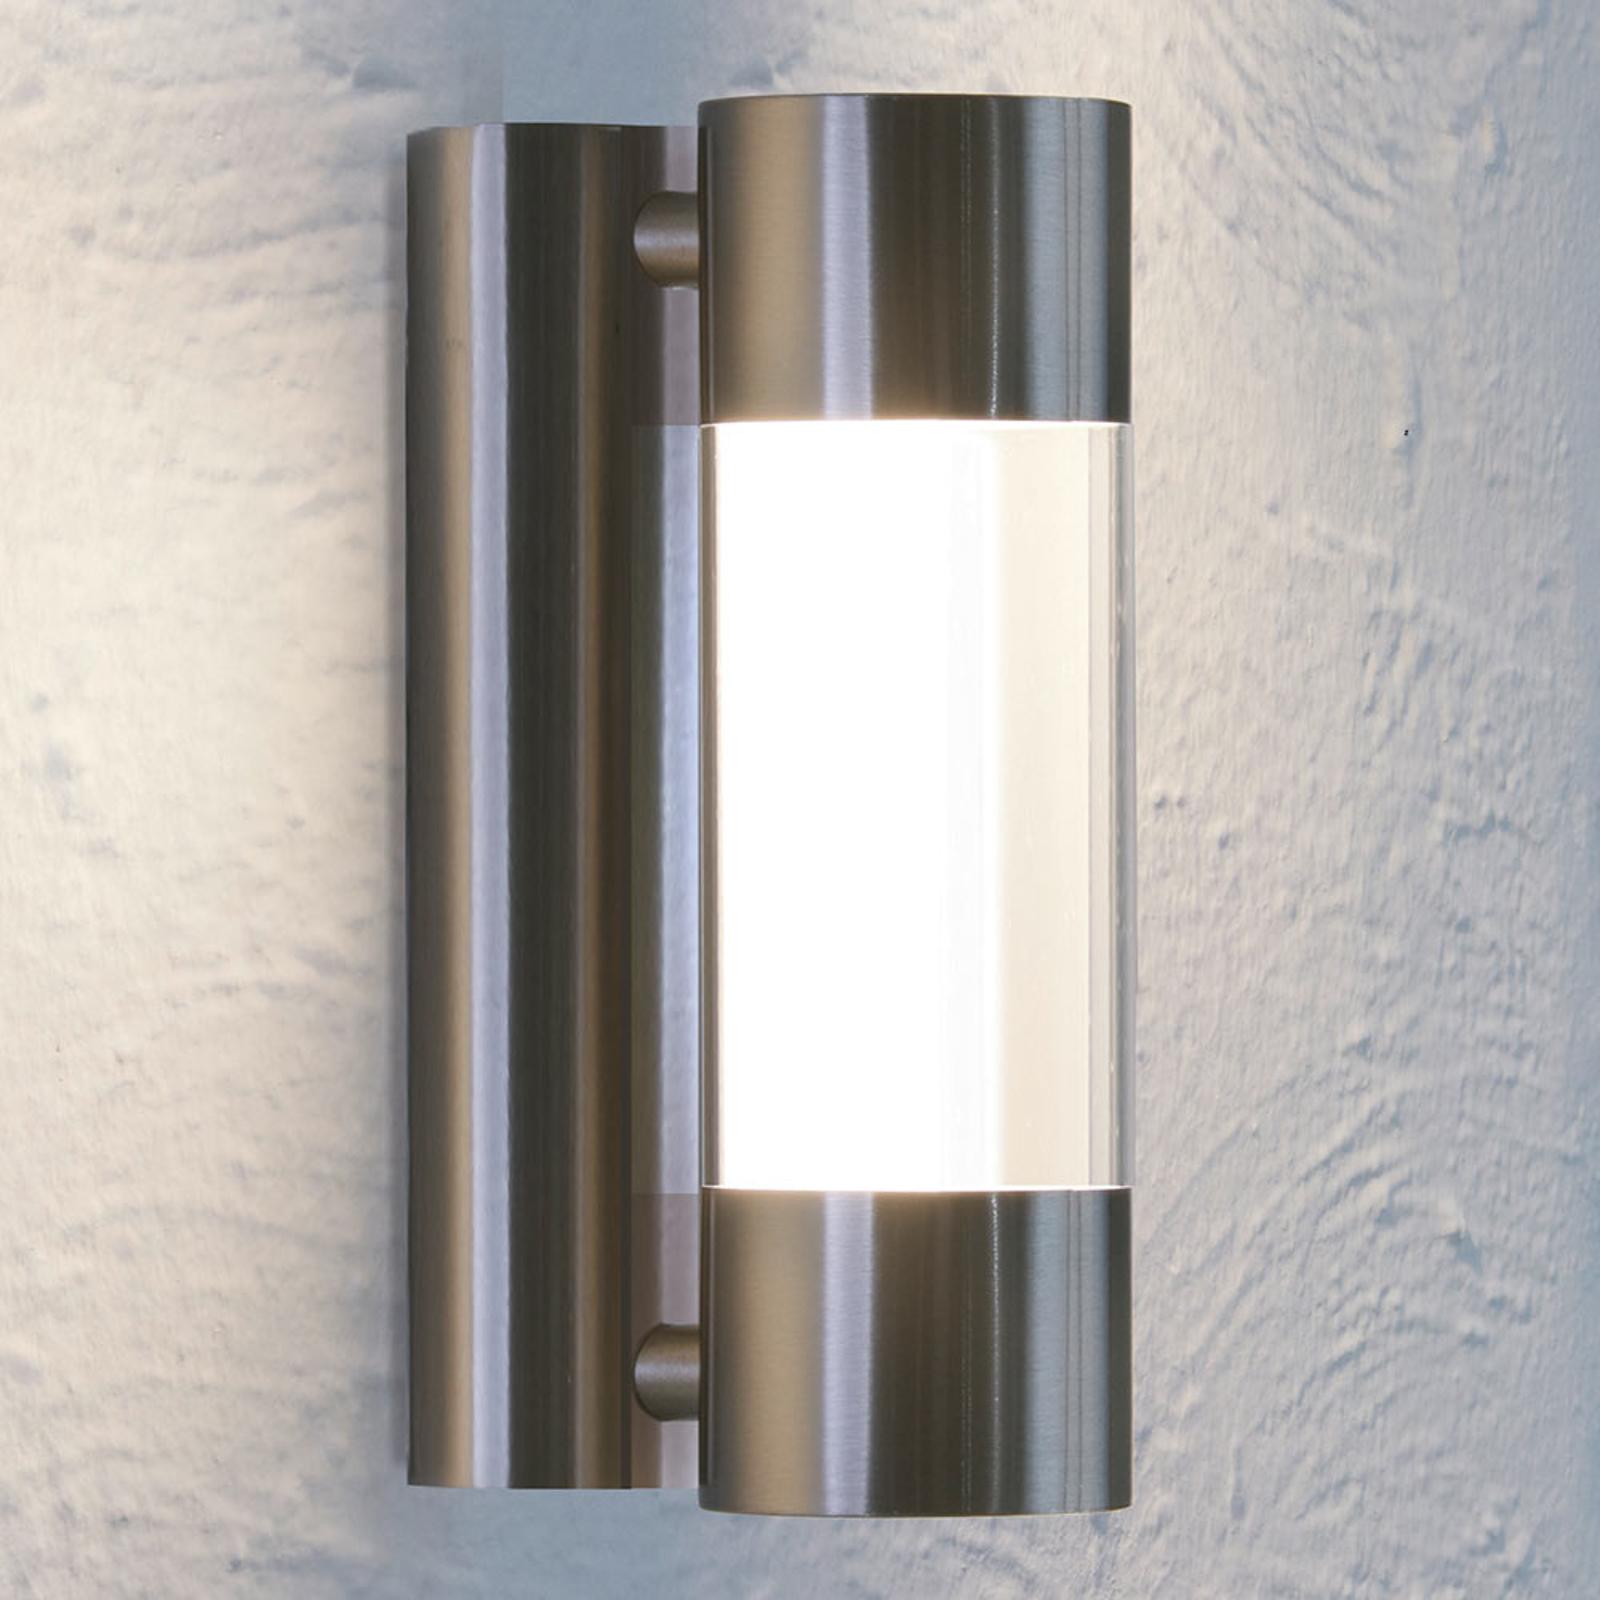 LED-utendørs vegglampe Robledo av rustfritt stål